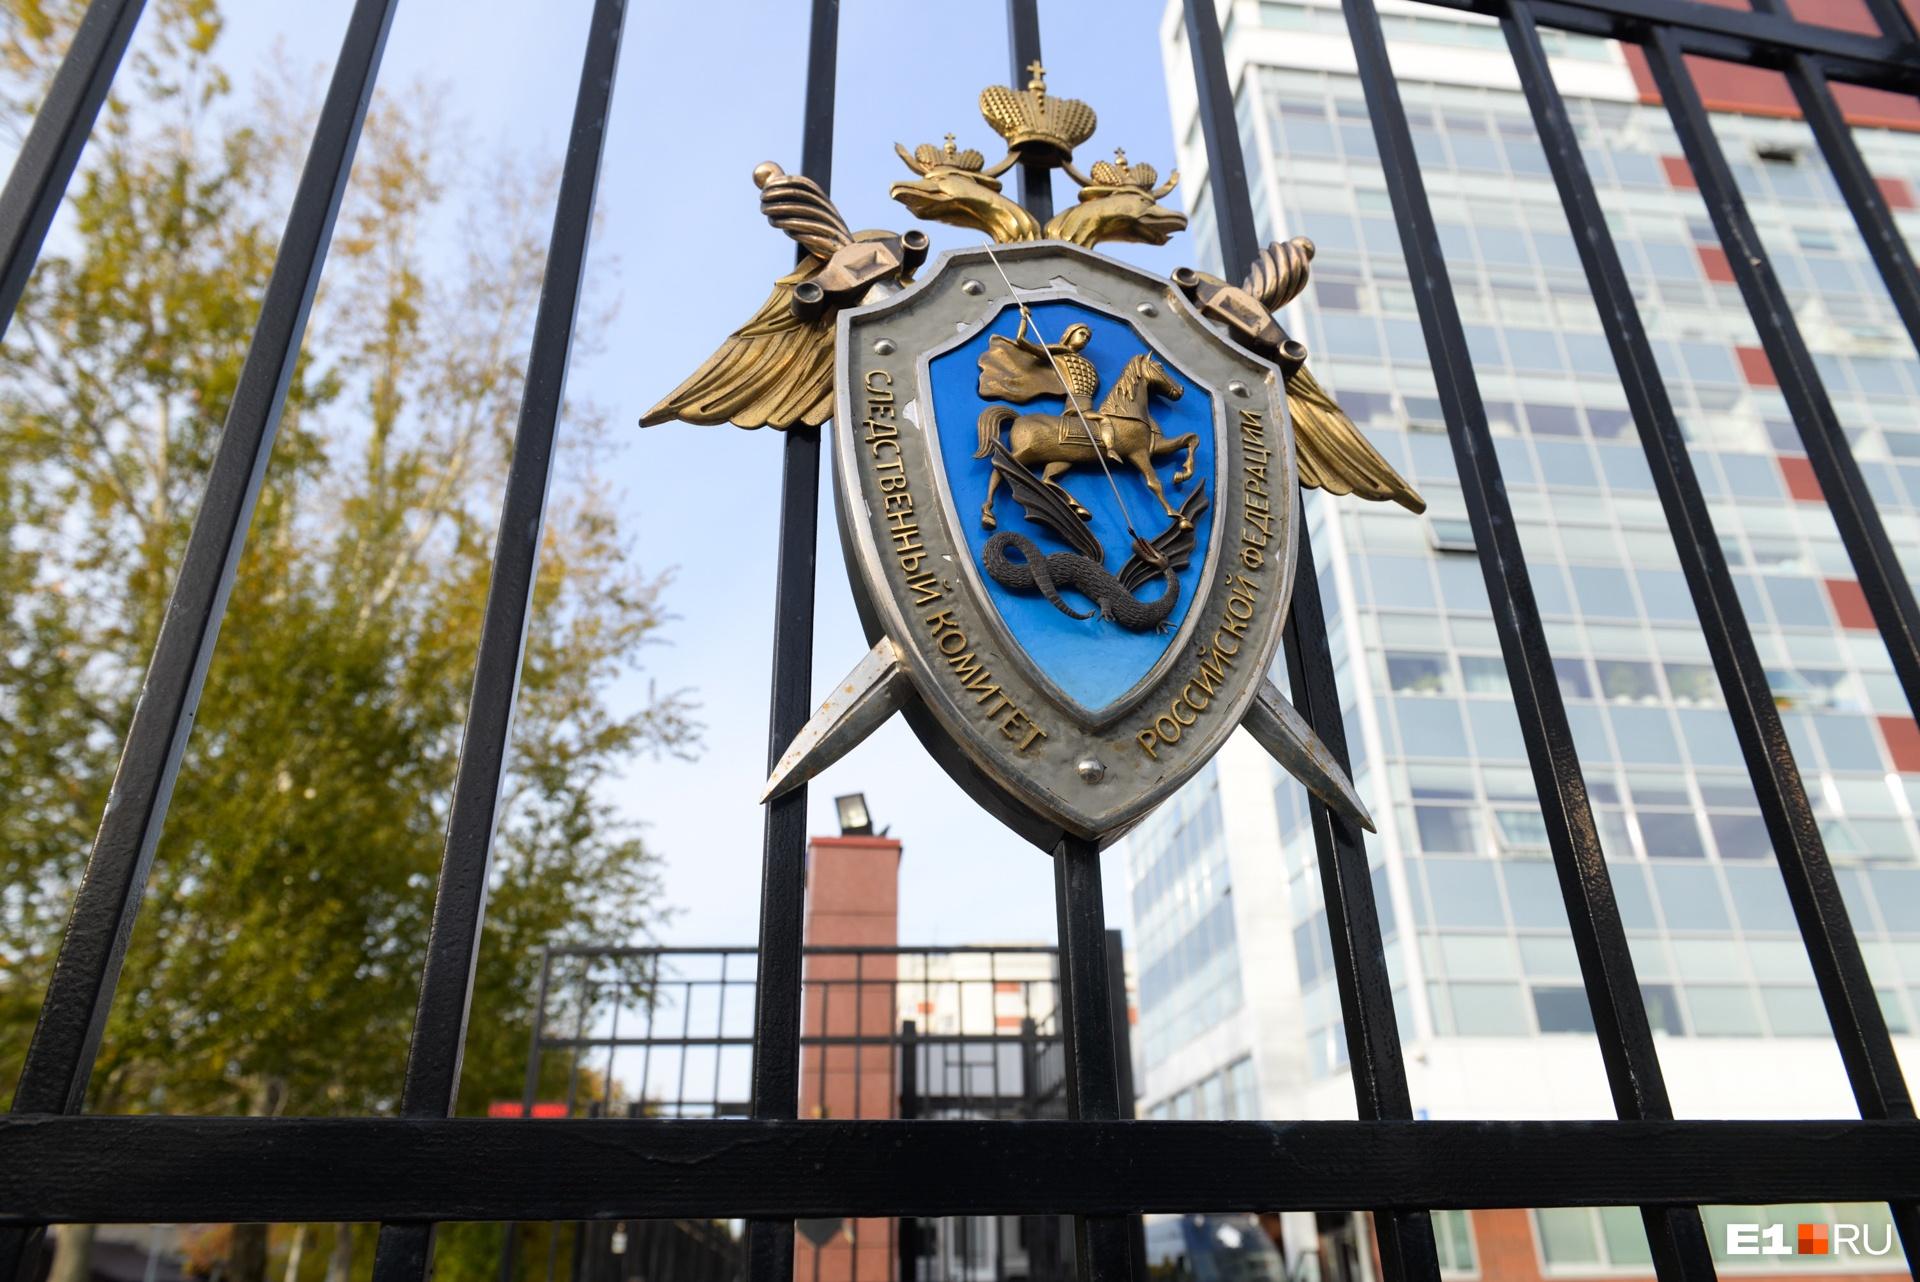 В уголовном деле об организации протестов в поддержку Навального появился первый обвиняемый